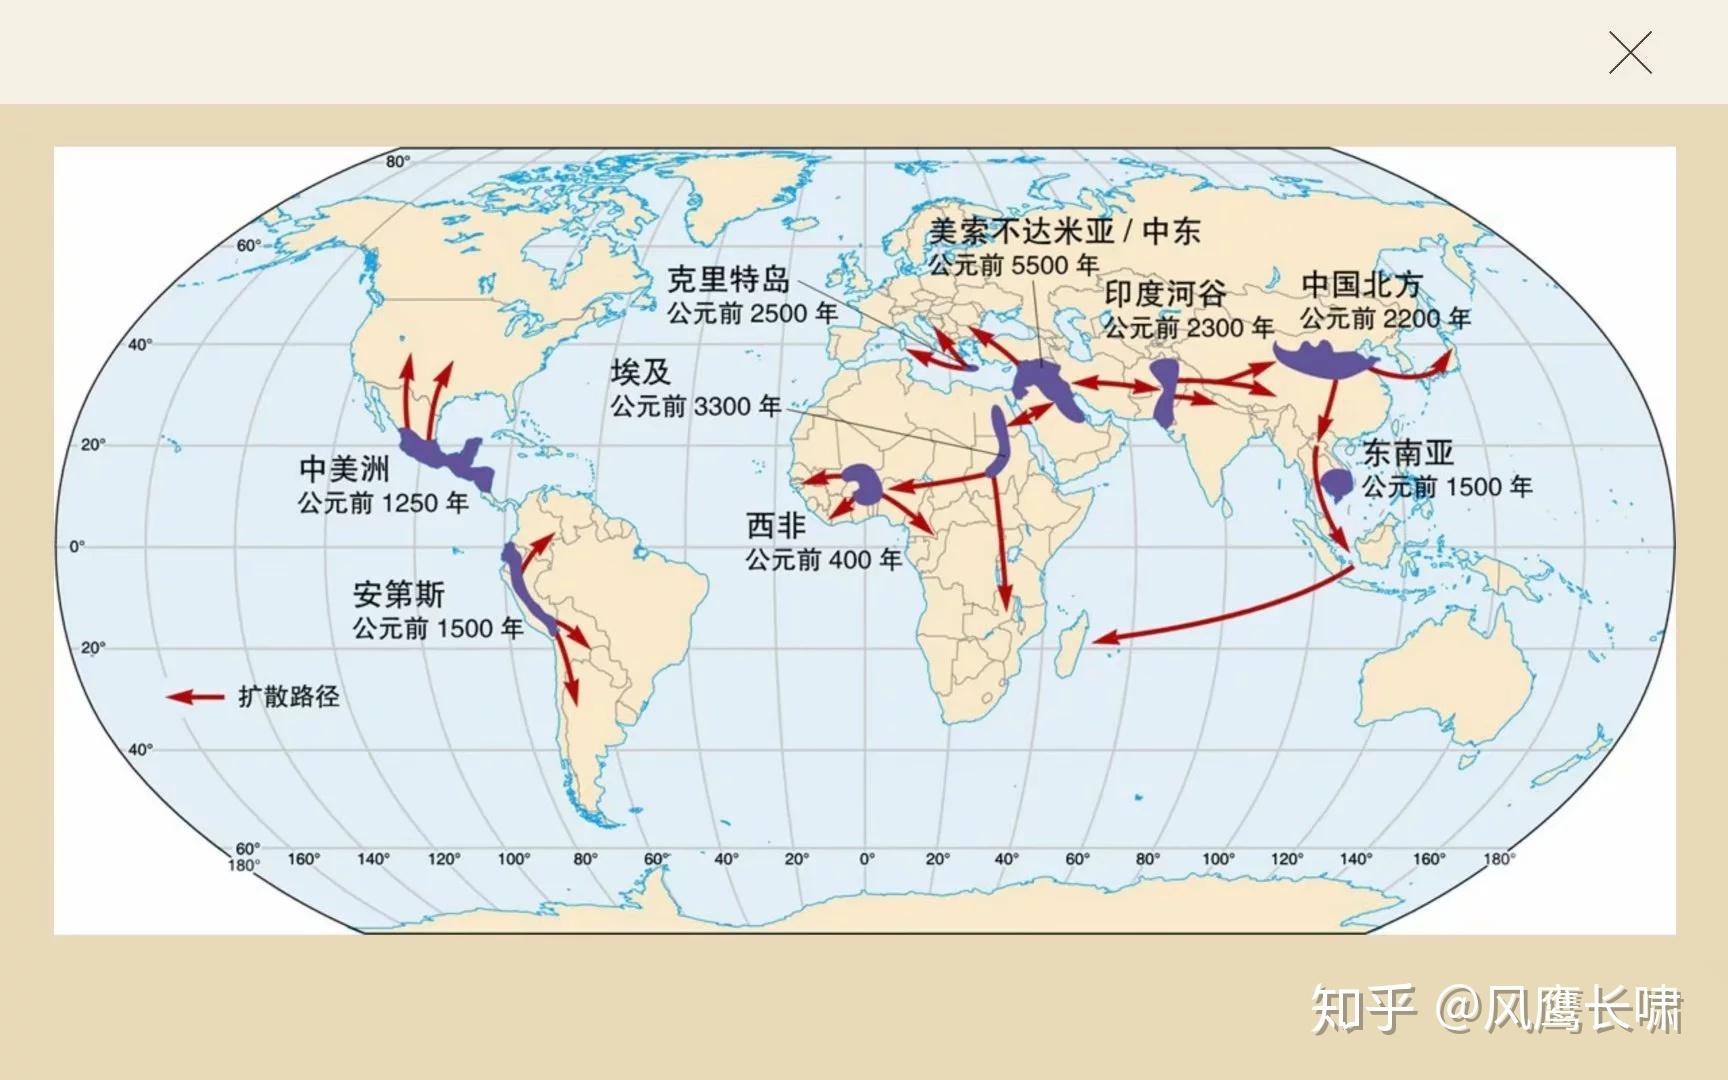 想阅读有关人文地理学的书籍,有哪些好书可以